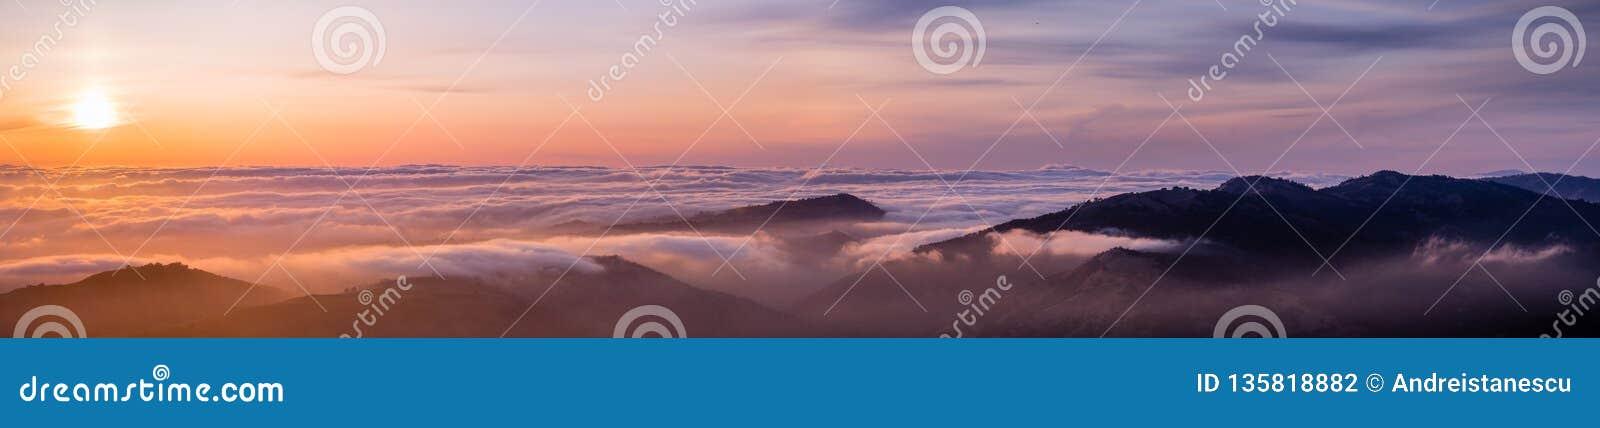 Panorama van een zonsondergang over een overzees van wolken die baaigebied behandelen de Zuid- van San Francisco; bergranden in d